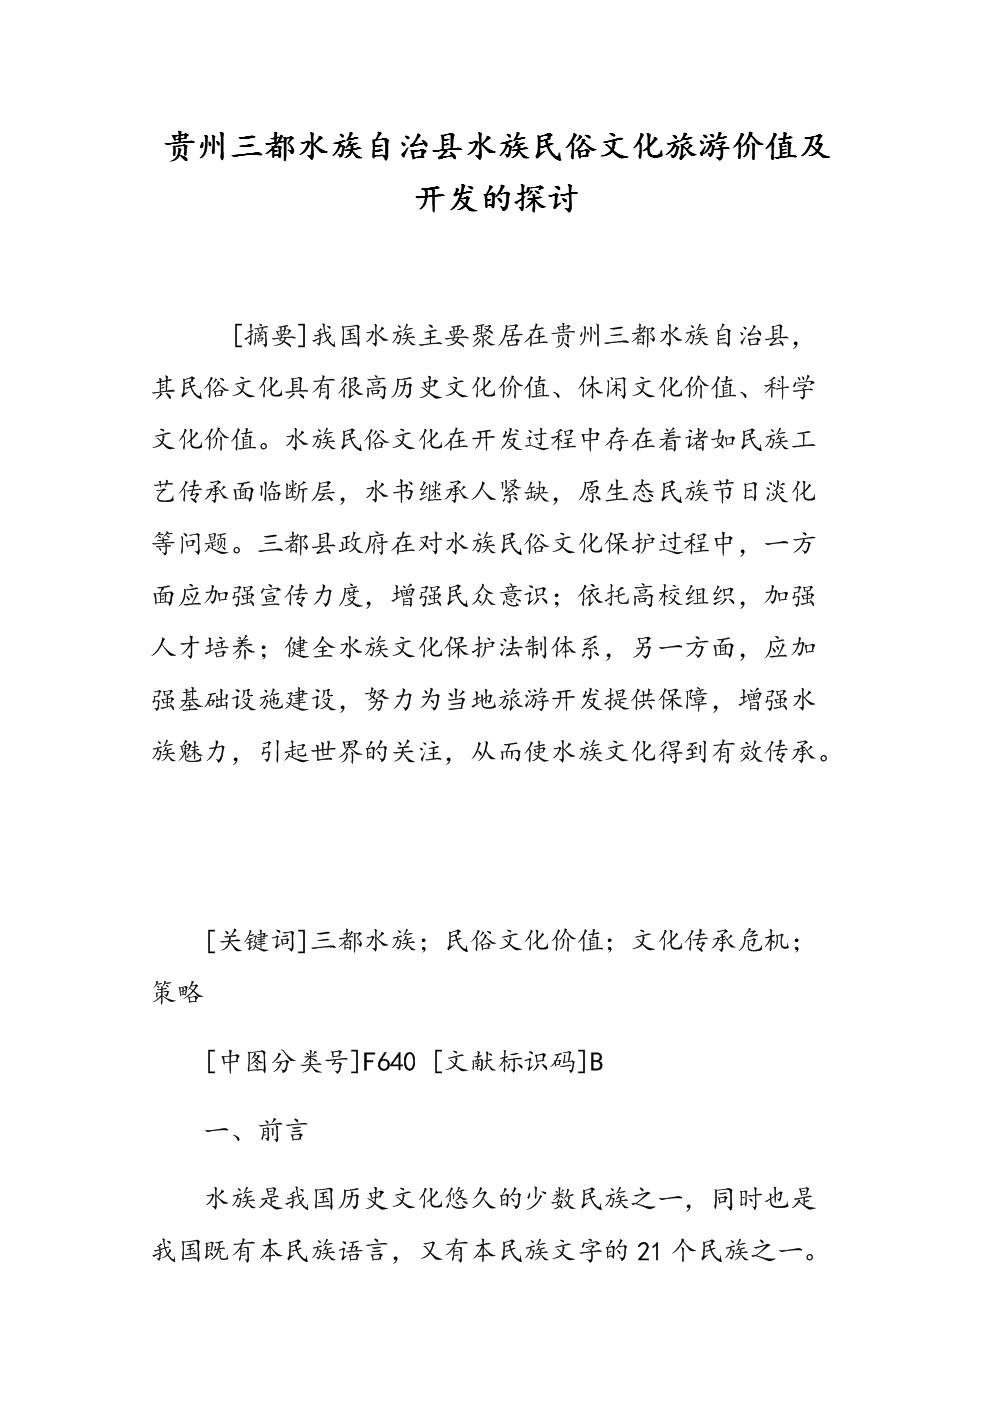 其传统的传承方式主要有:祖传,口传心授的师徒传承和手抄传承.    2.